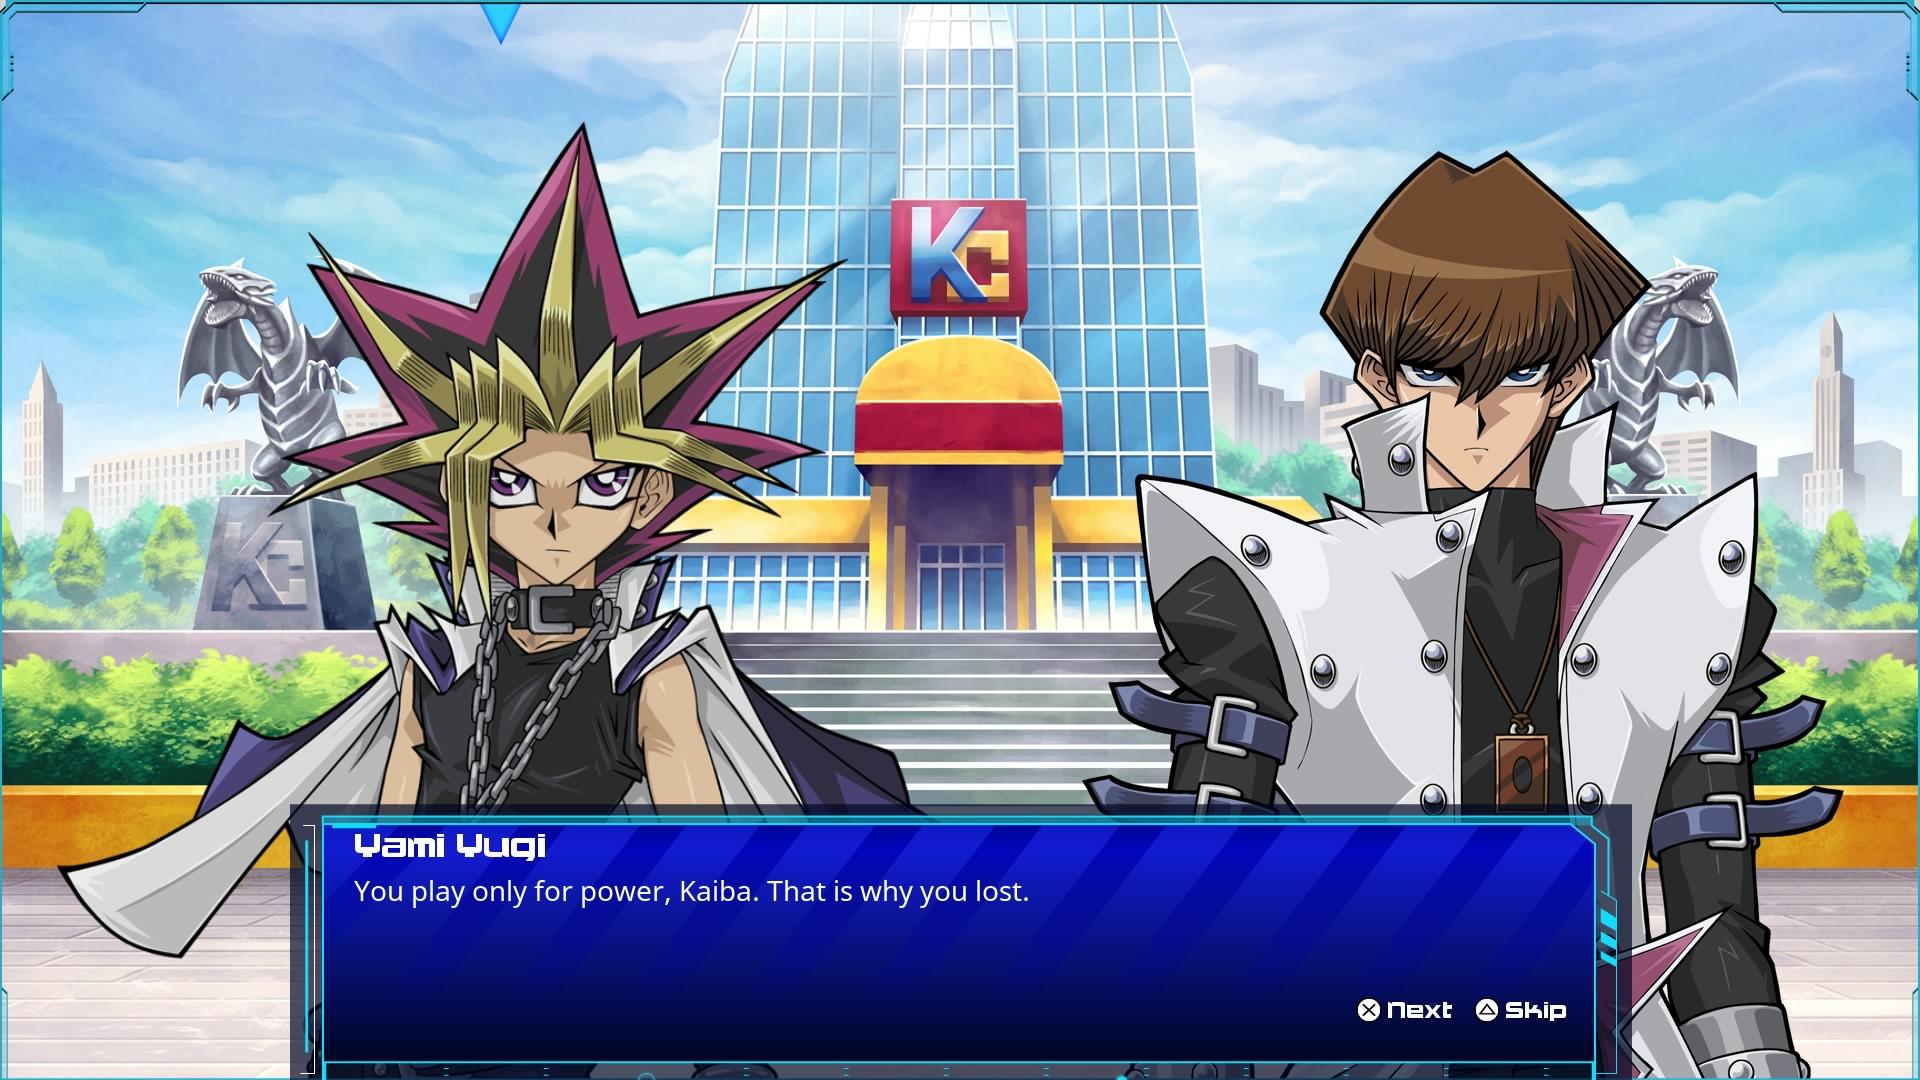 游戏王:决斗者遗产  Yu-Gi-Oh! Legacy of the Duelist